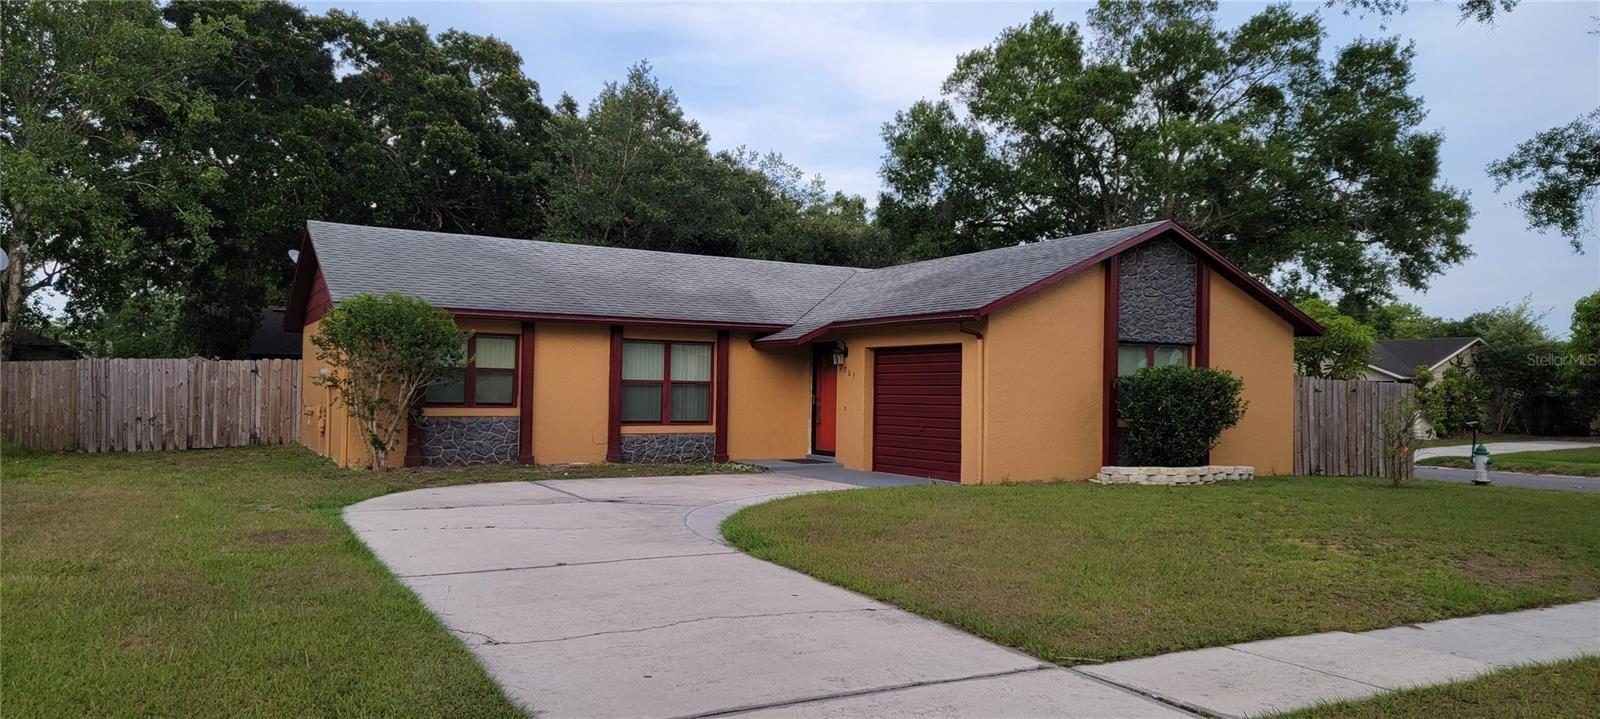 2705 HILDA COURT, Orlando, FL 32826 - #: O5950750